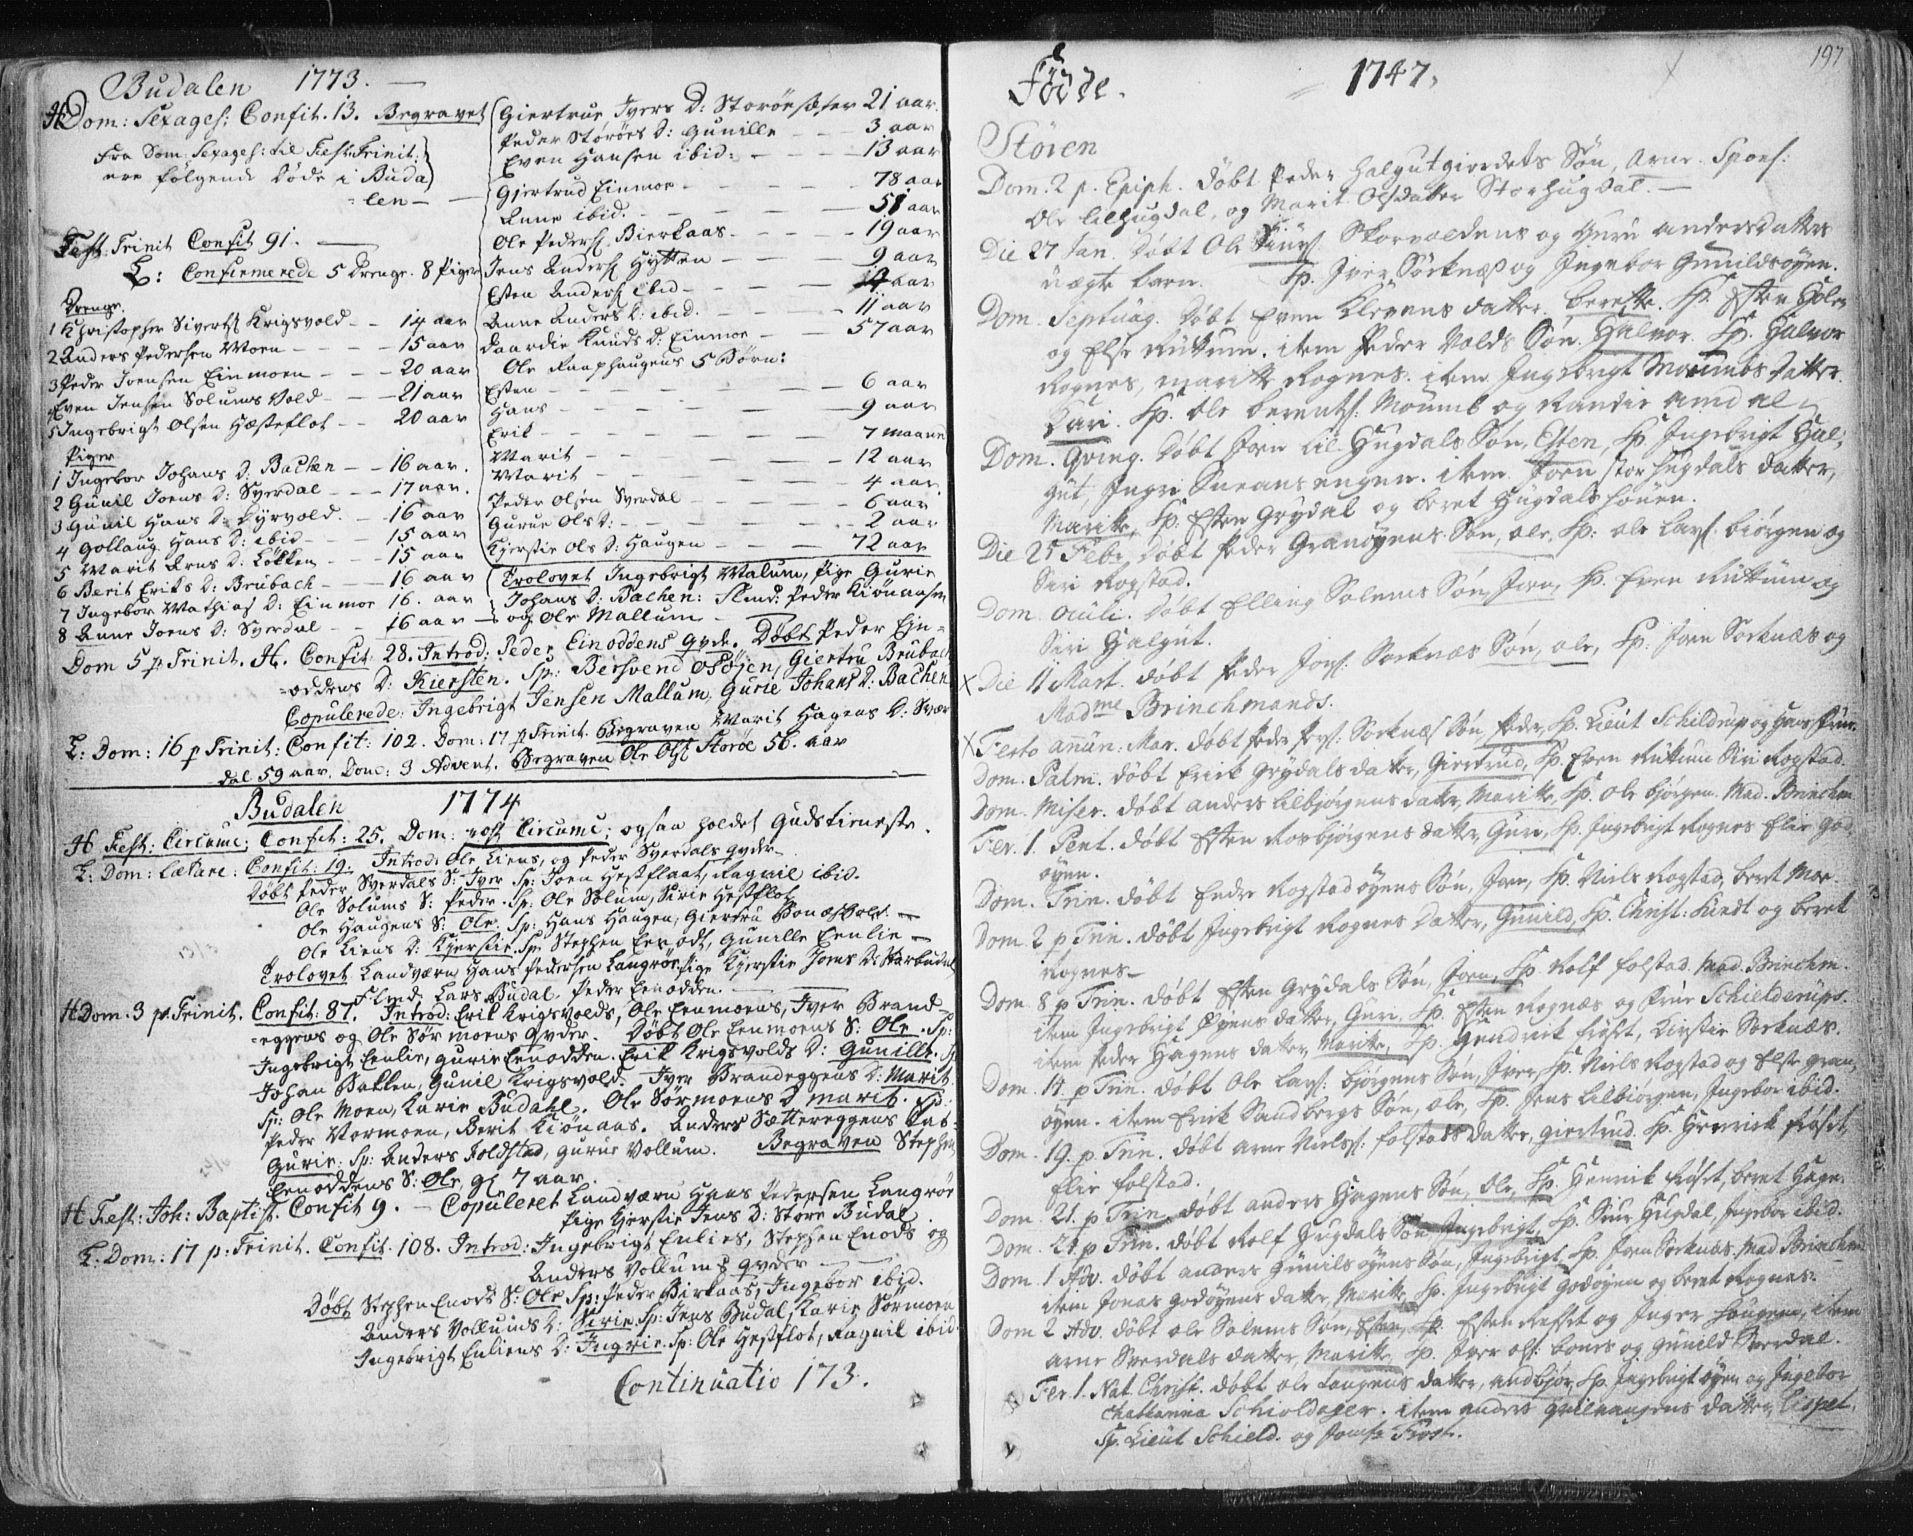 SAT, Ministerialprotokoller, klokkerbøker og fødselsregistre - Sør-Trøndelag, 687/L0991: Ministerialbok nr. 687A02, 1747-1790, s. 197